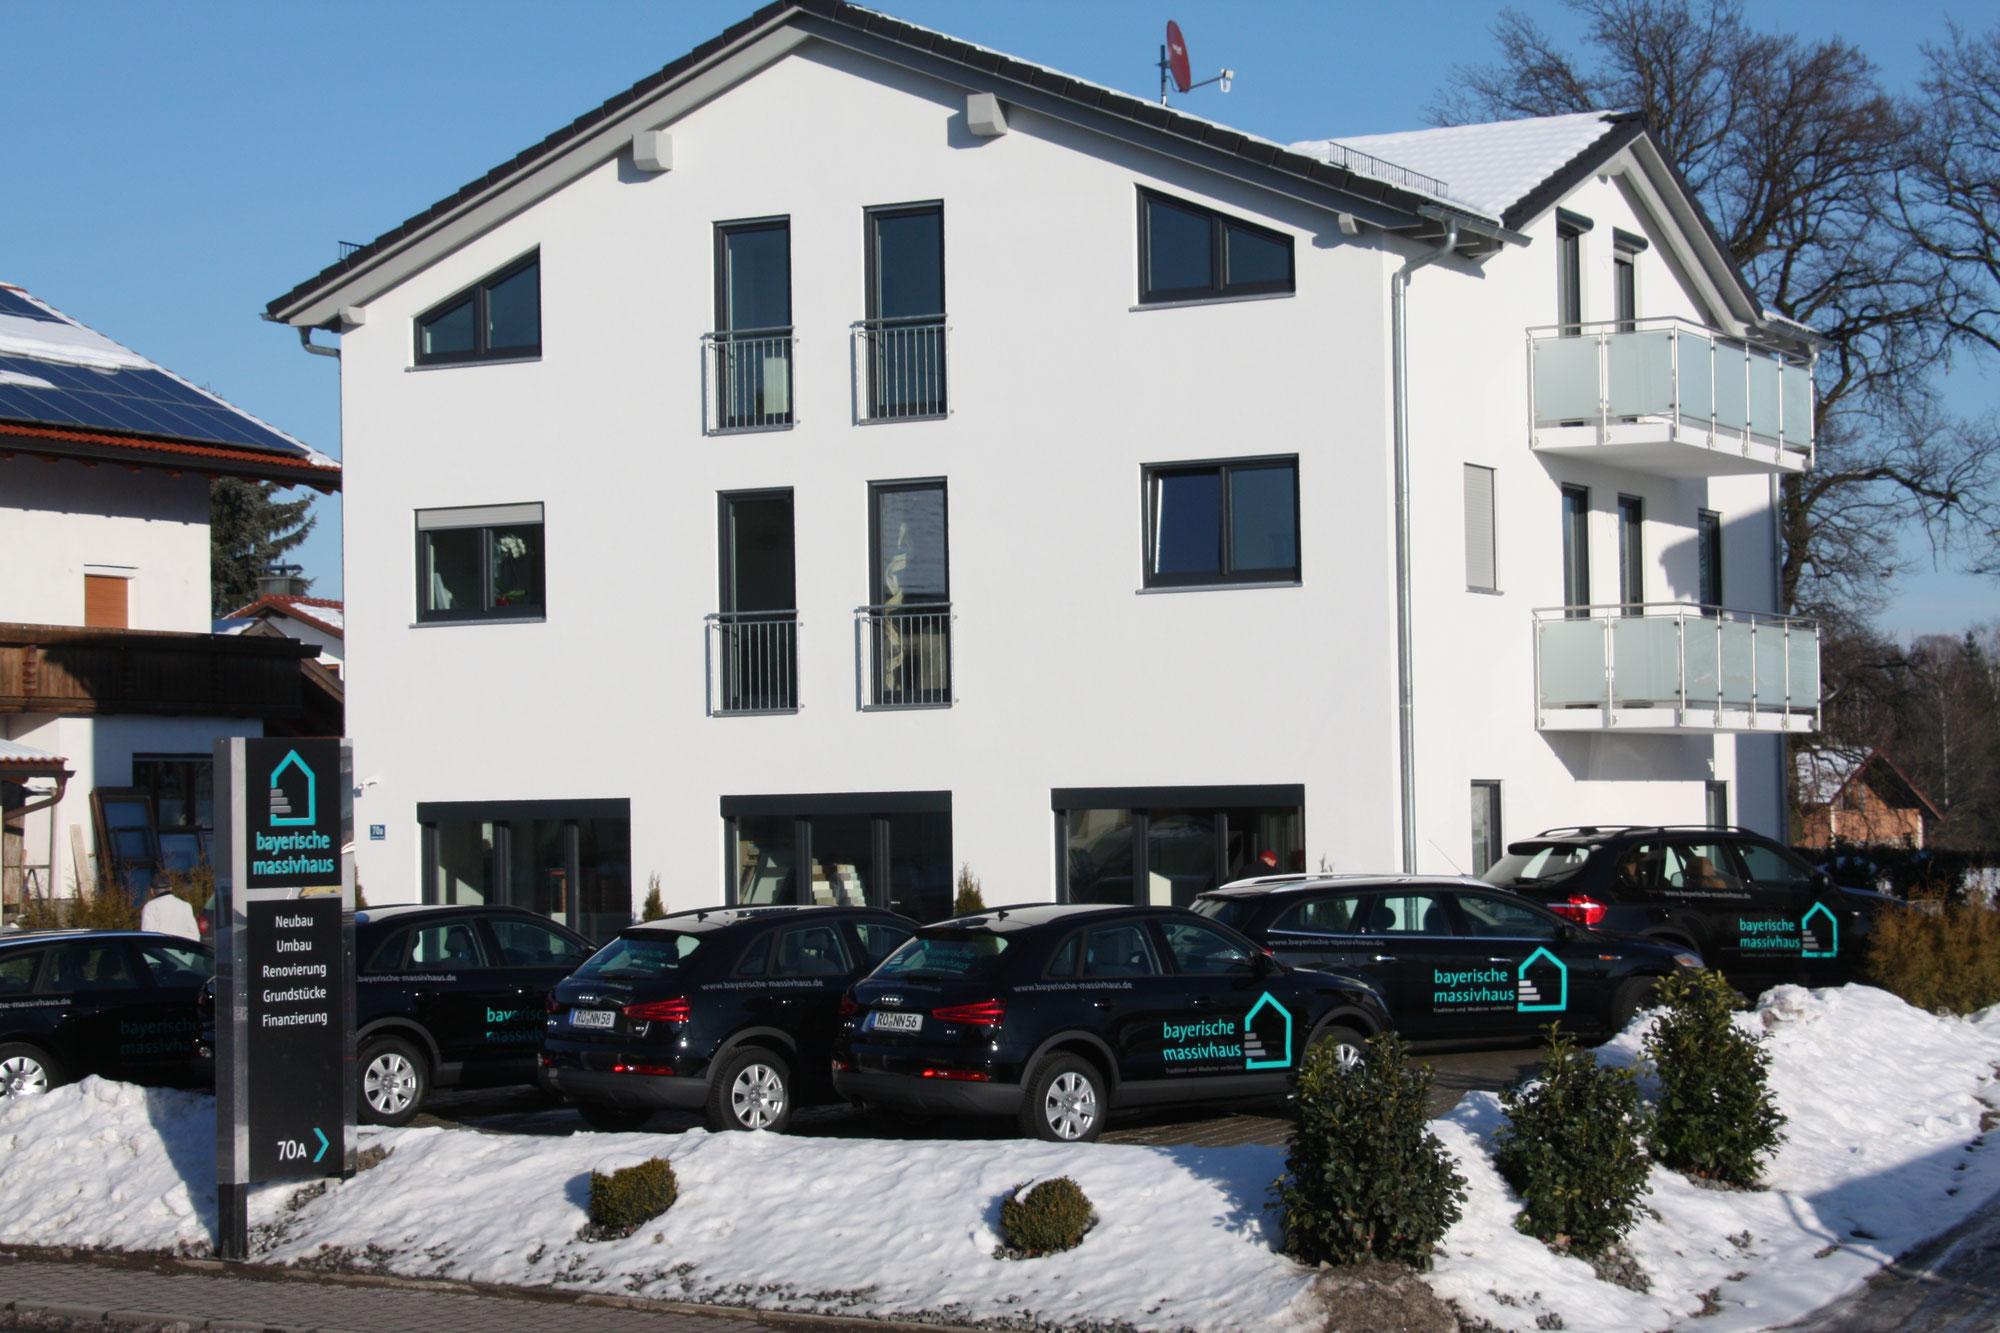 Massivhaus Bayern bayrisches massivhaus wir verbinden tradition und moderne